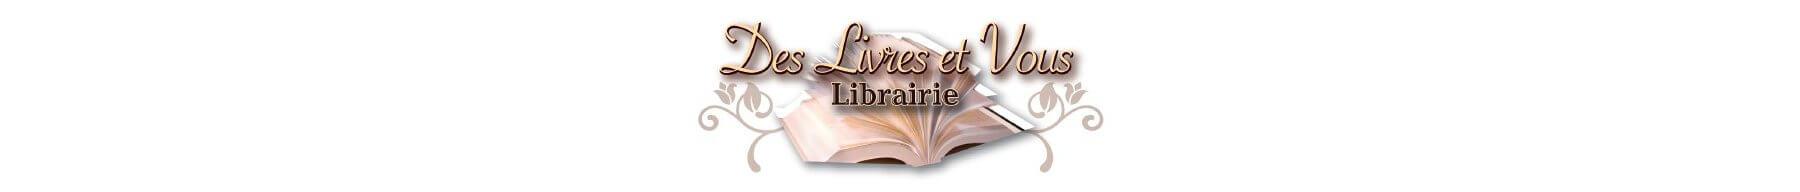 Librairie Des Livres et Vous